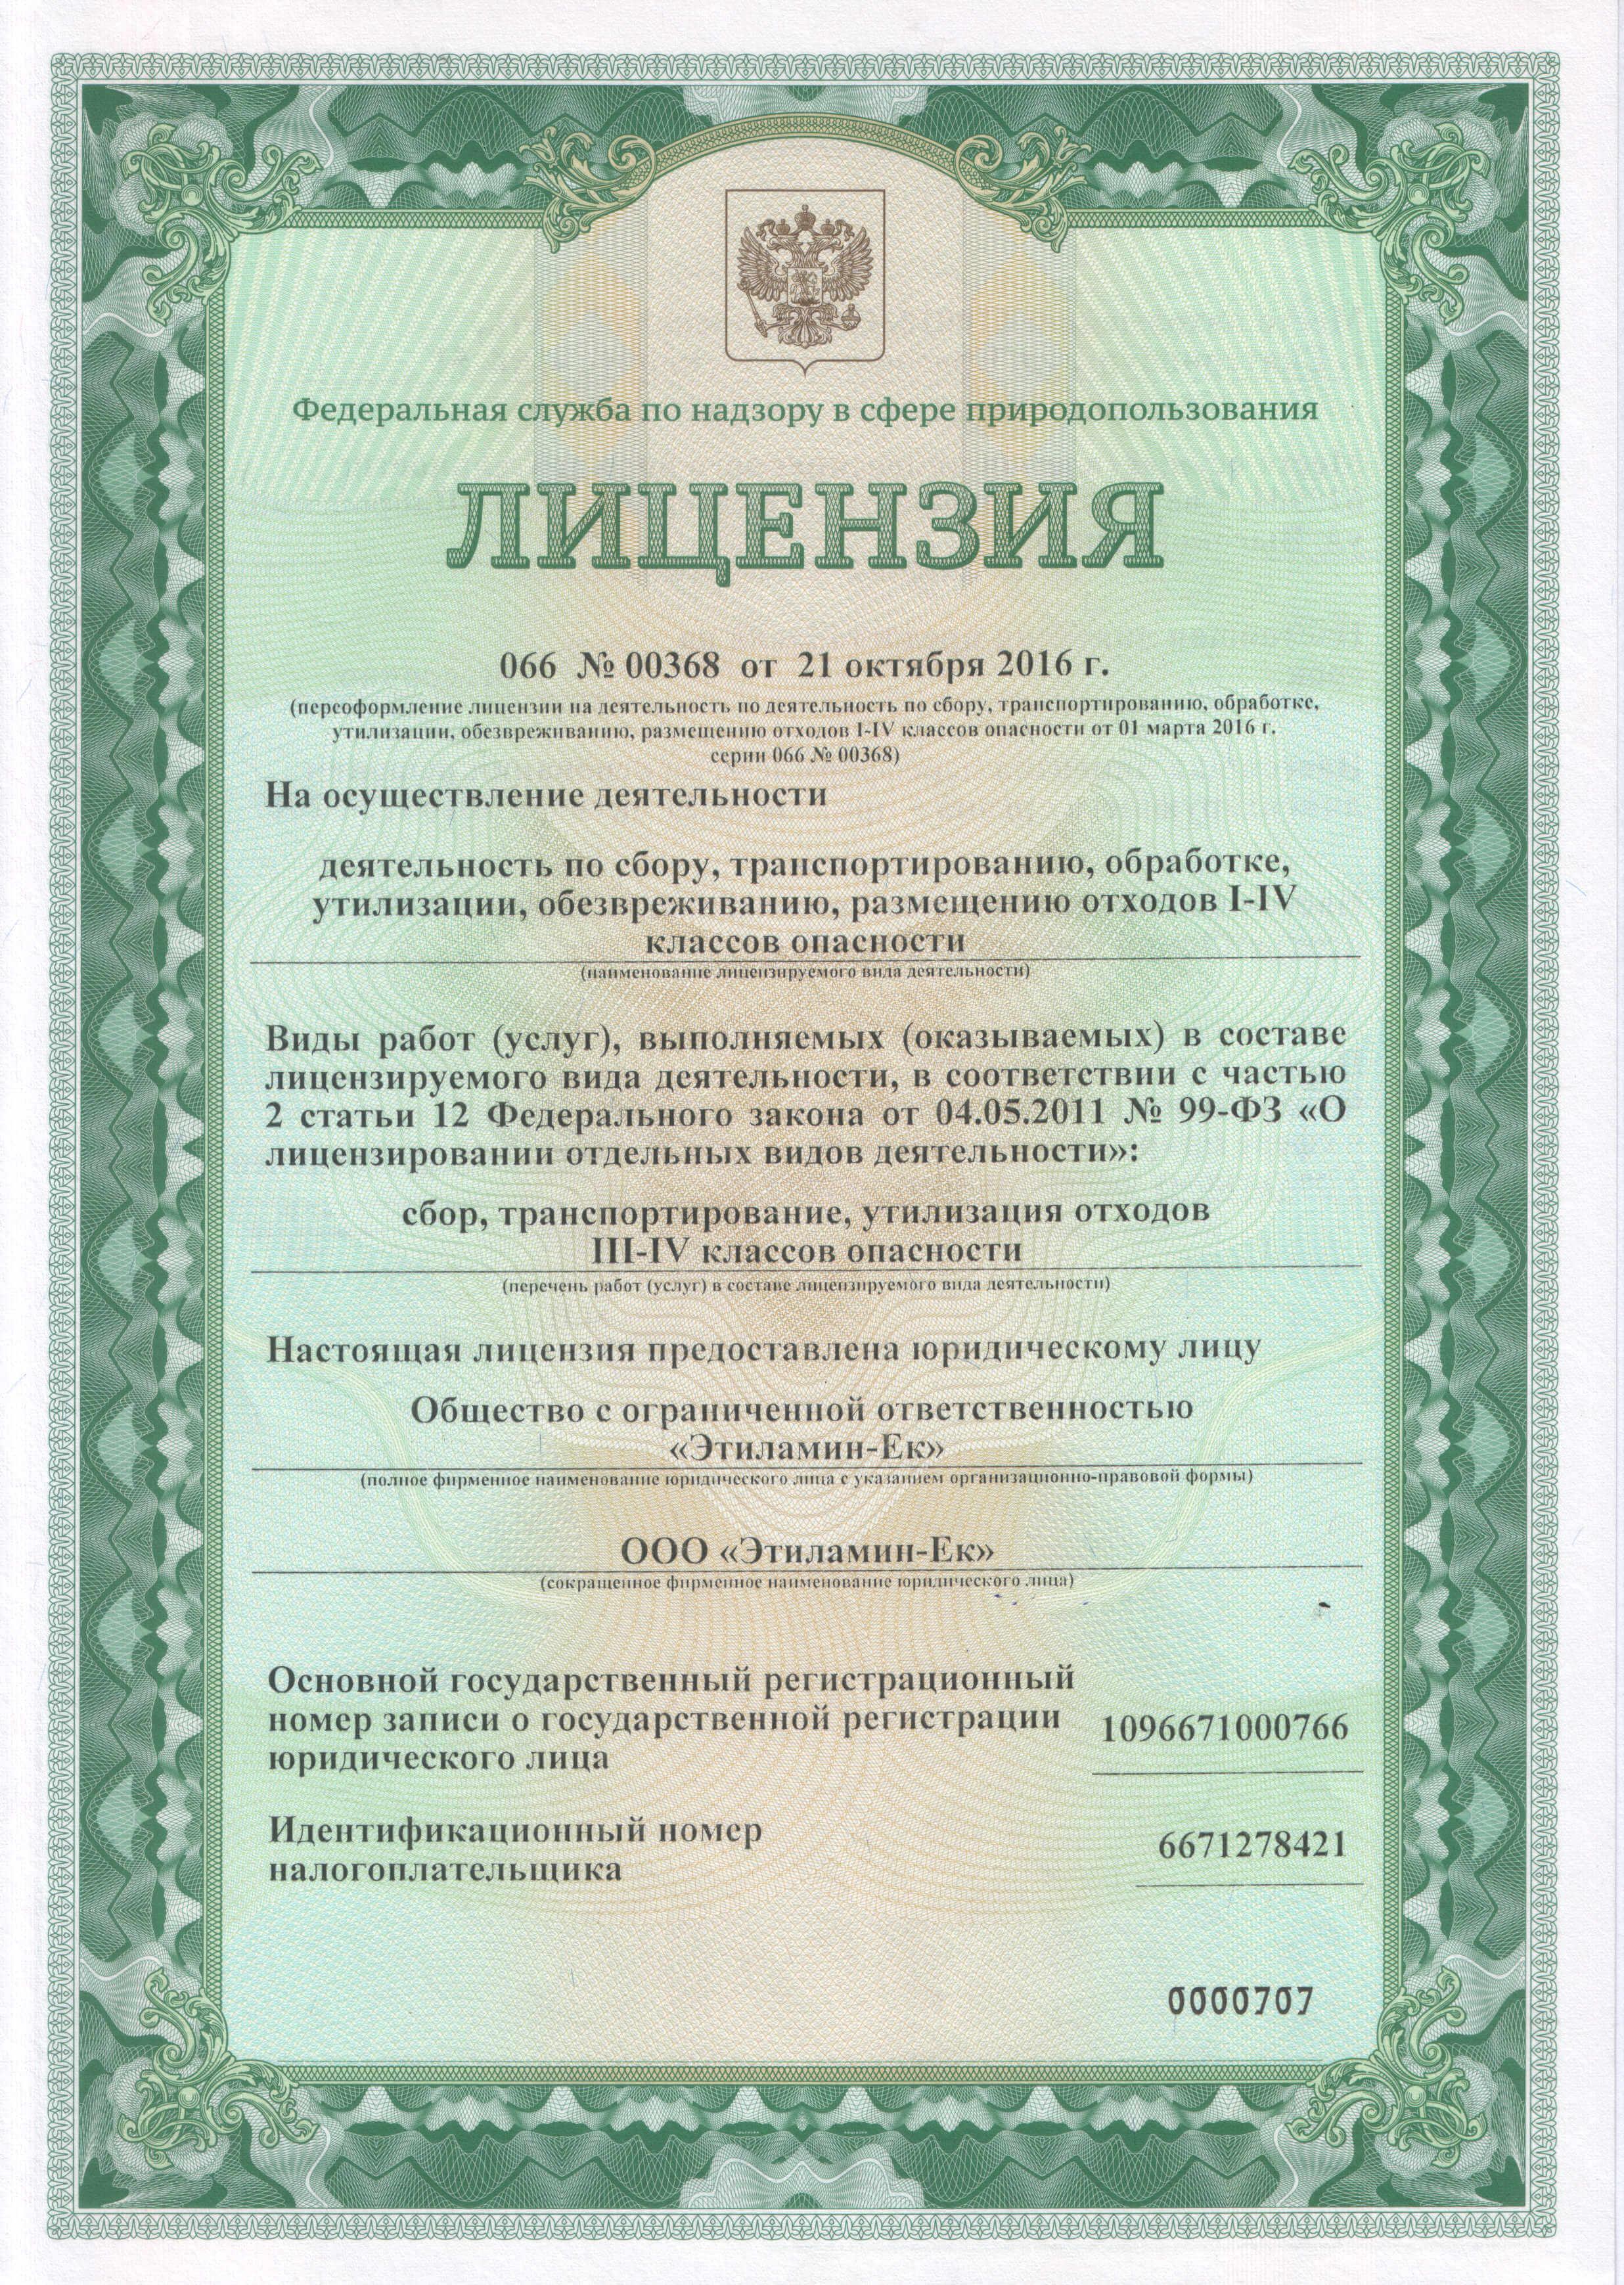 Картинки по запросу лицензия на транспортировку отходов